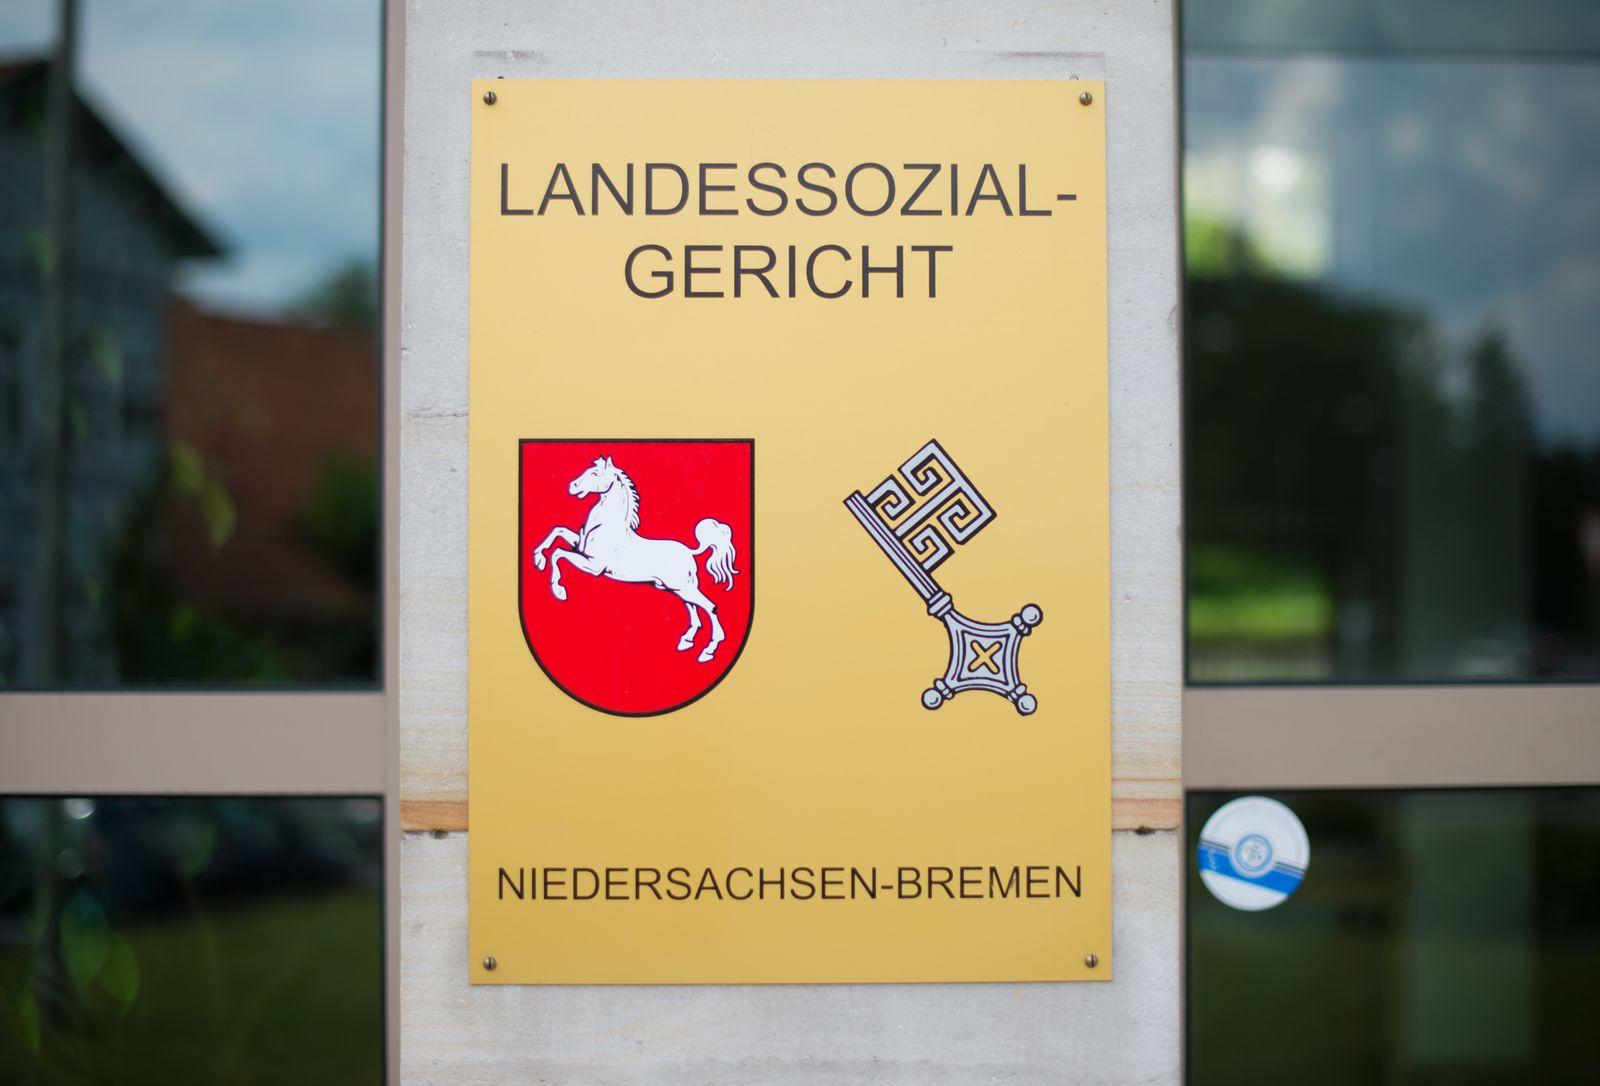 Landessozialgericht Niedersachsen